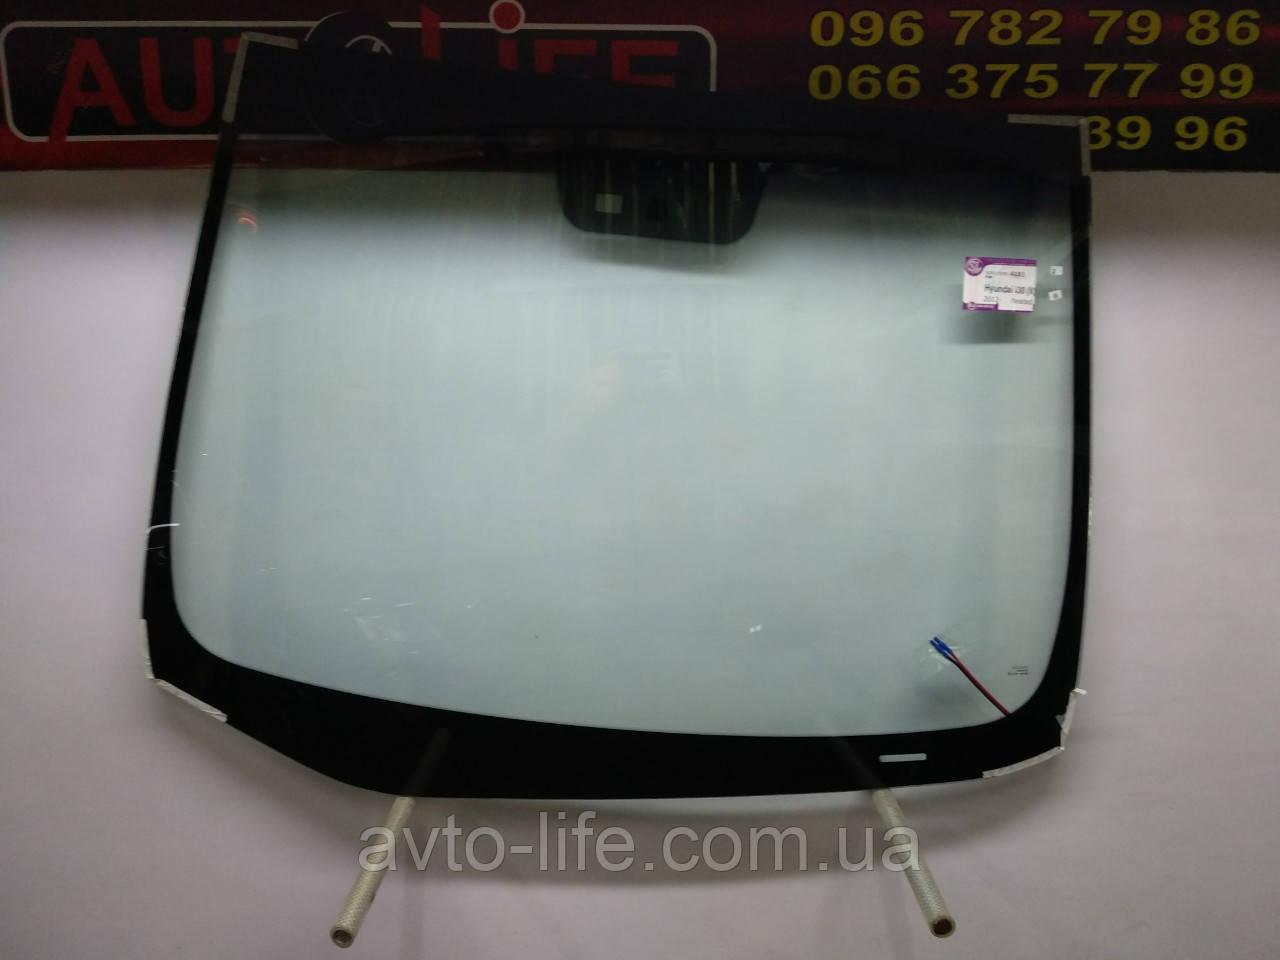 Лобовое стекло Hyundai I30 (Хетчбек, Комби) (2012-2018) с обогревом|Лобове скло Хюндай і30 | Автостекло Хюндай